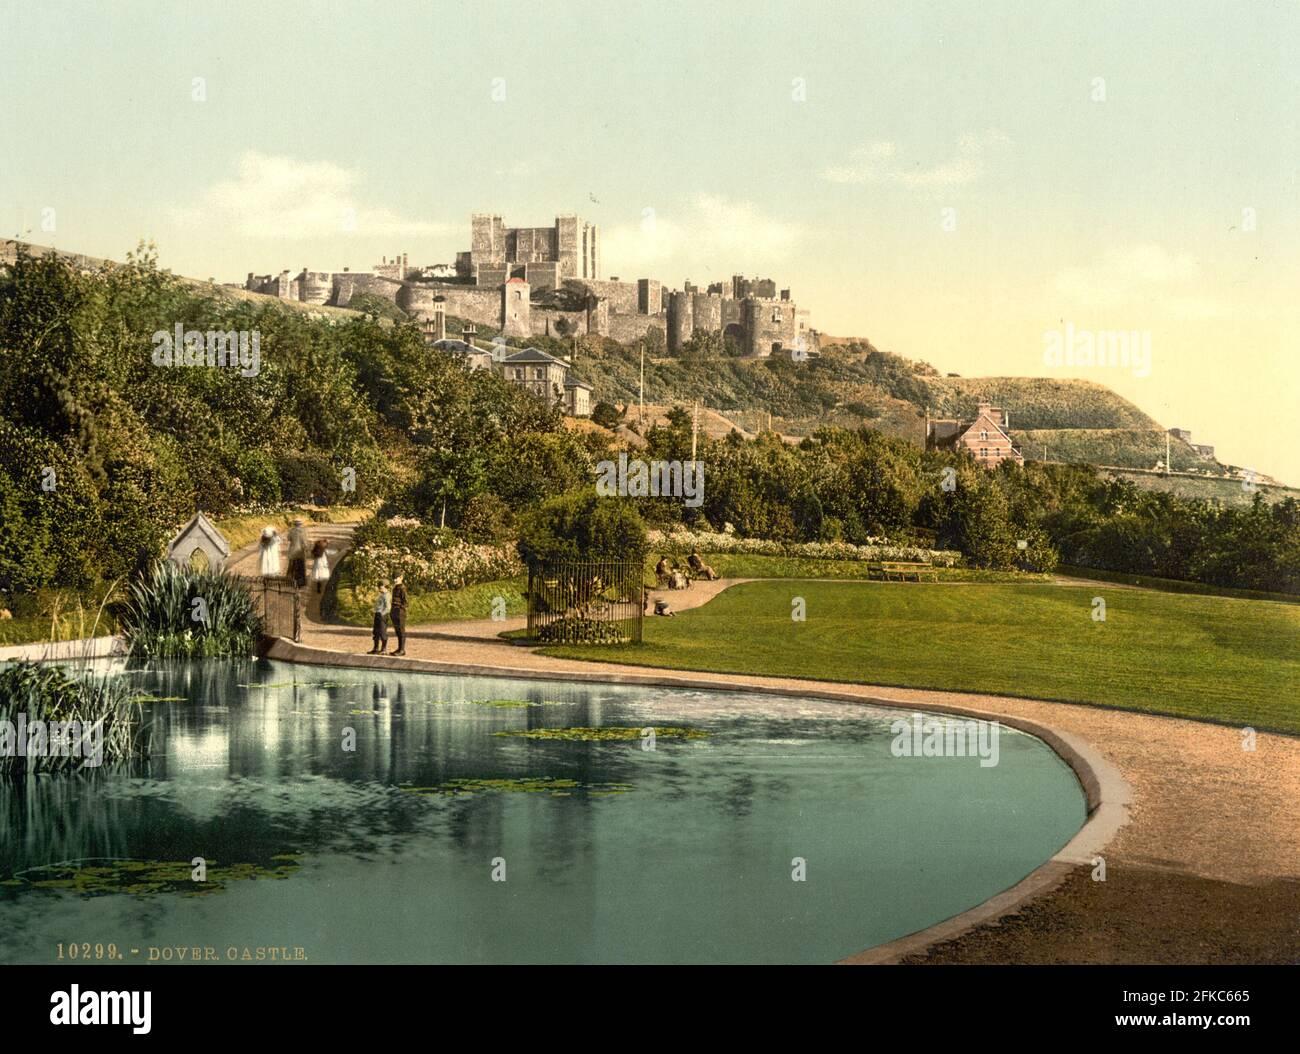 Château de Douvres dans le Kent vers 1890-1900 Banque D'Images